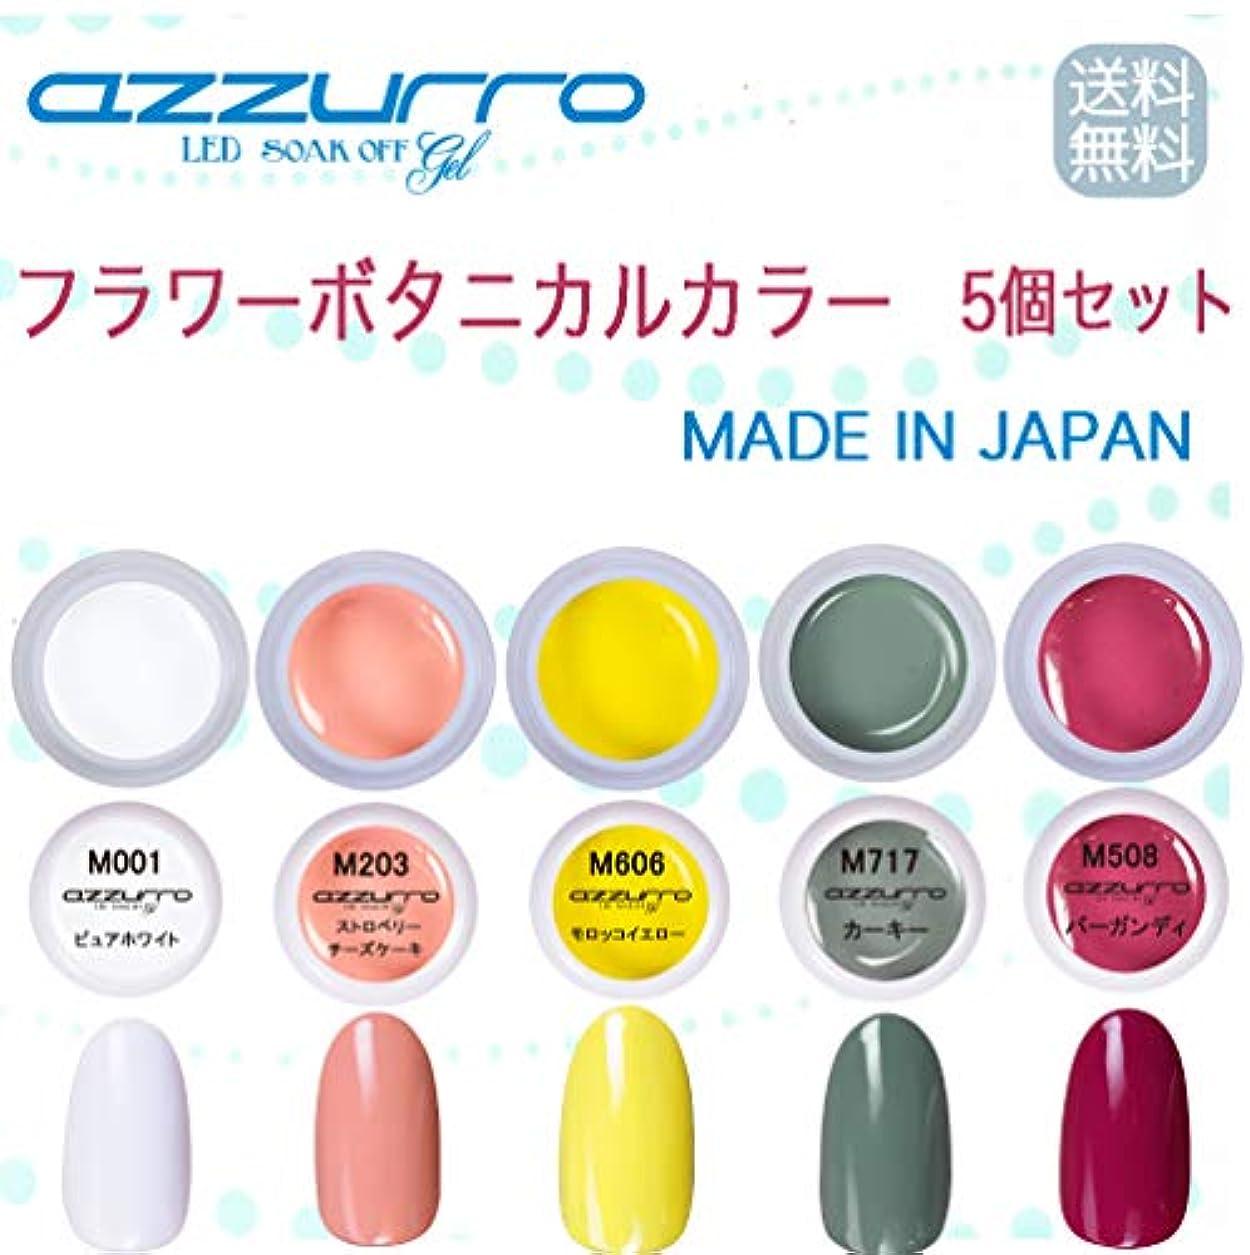 騒ぎ原子炉慣習【送料無料】日本製 azzurro gel フラワーボタニカルカラージェル5個セット 春にピッタリでかわいいフラワーアートにピッタリなカラー